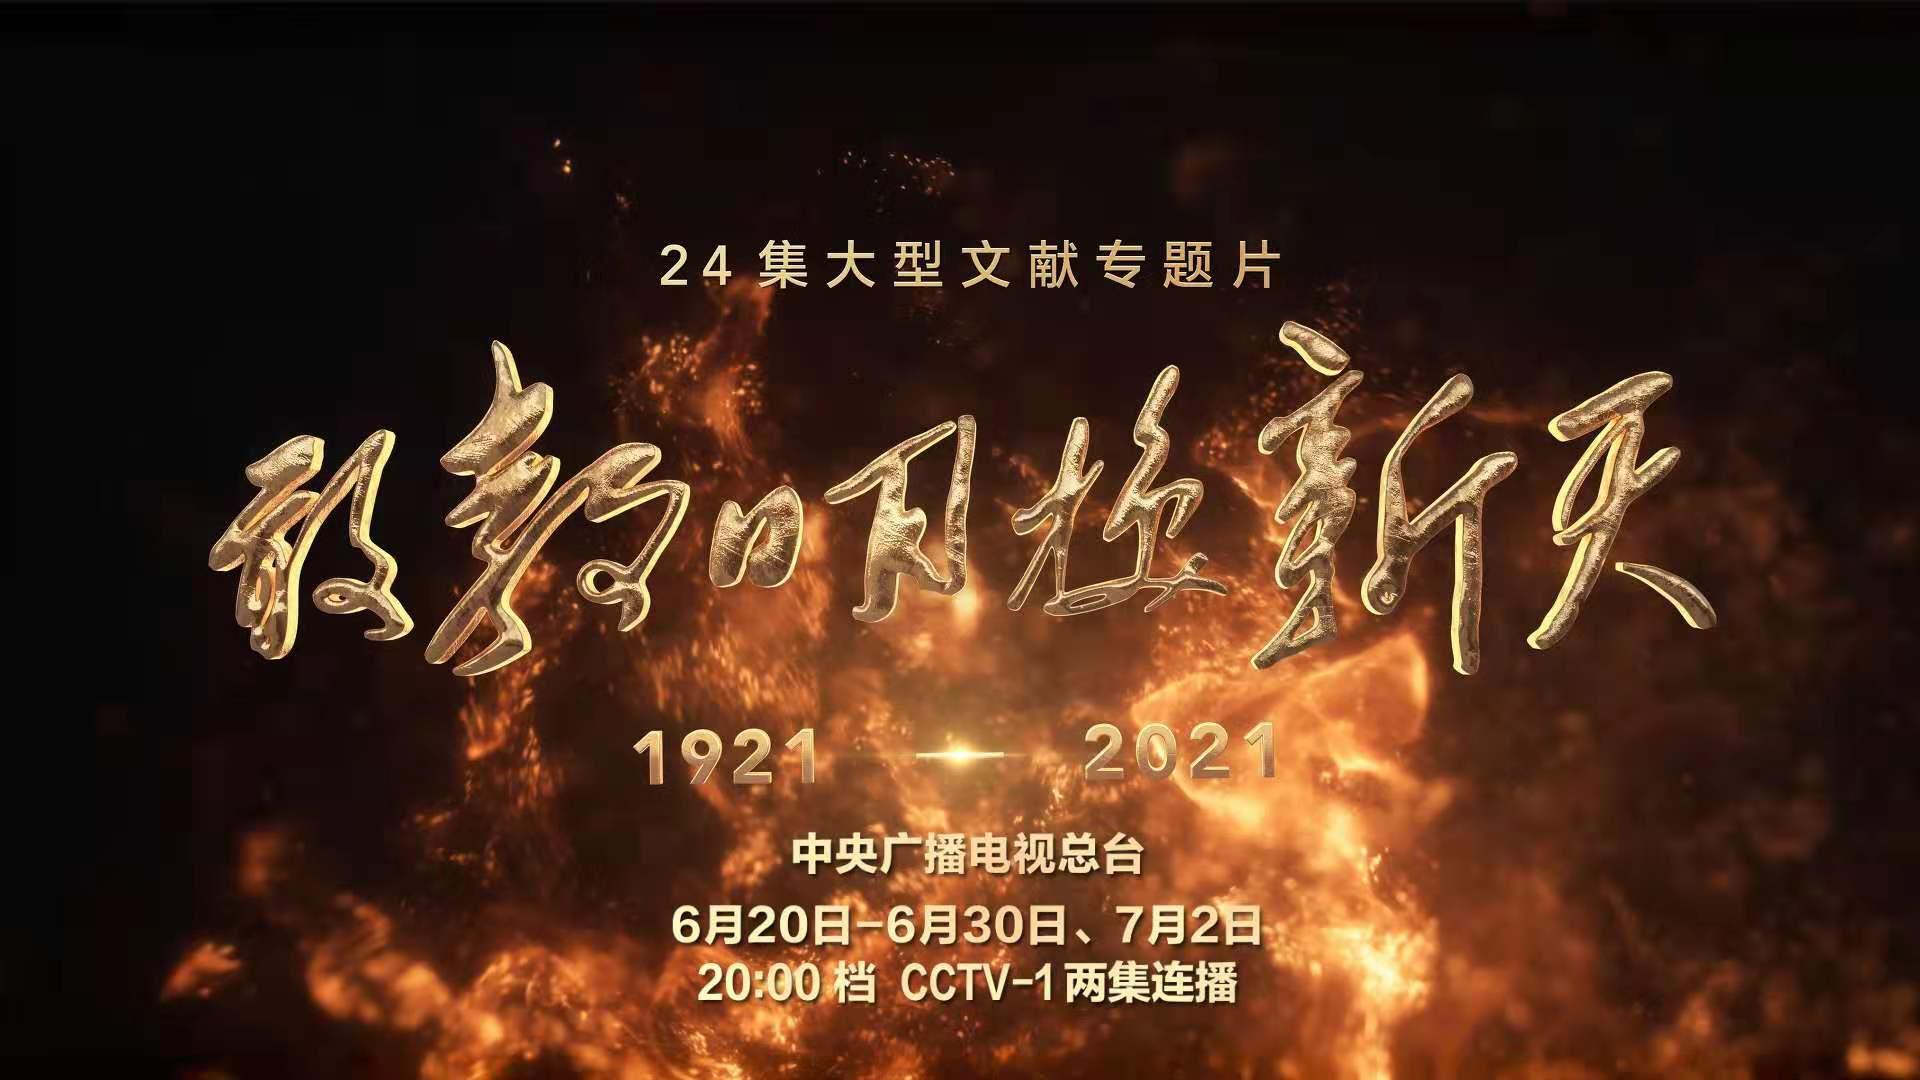 24集大型文献专题片《敢教日月换新天》即将播出插图6